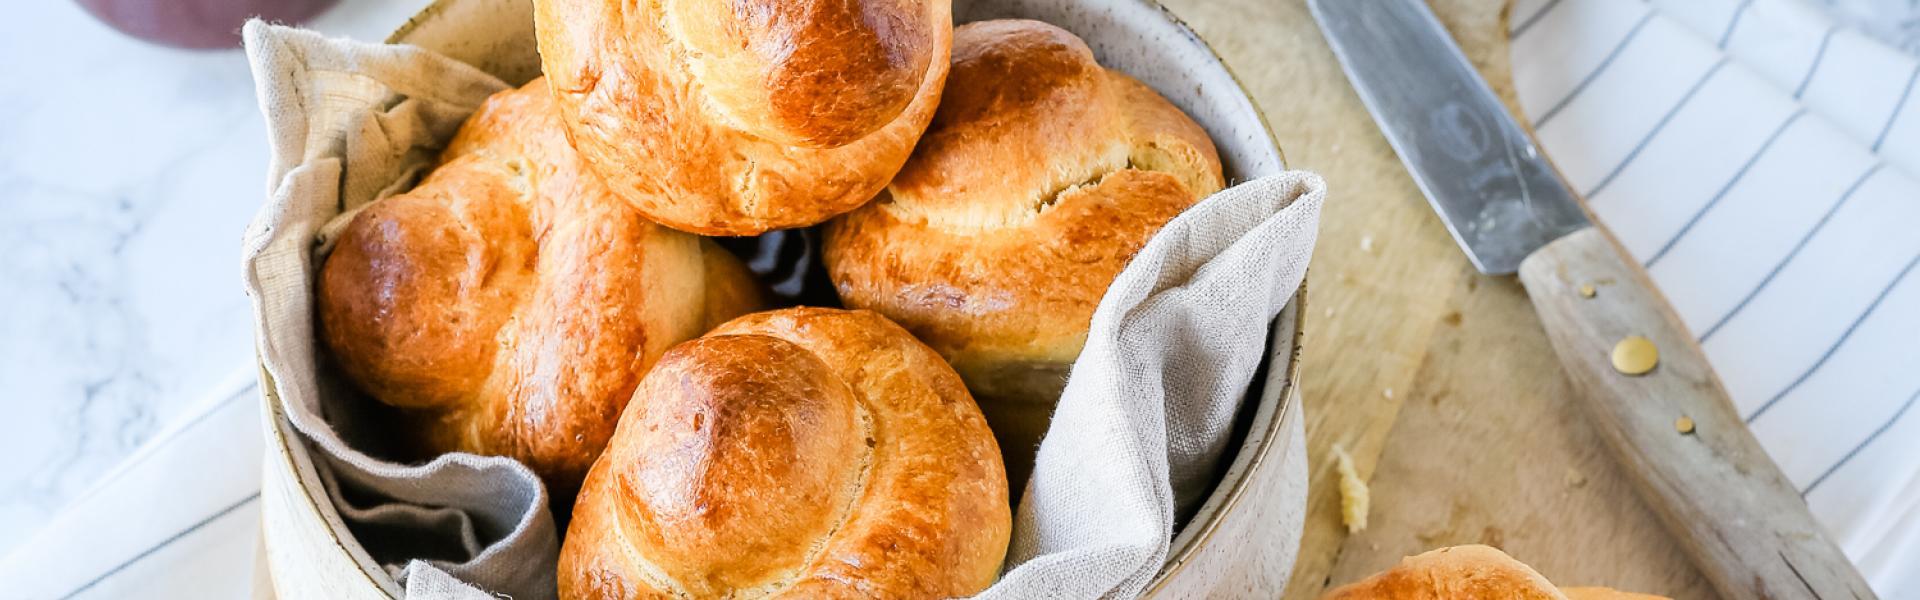 Mehrere Brioches liegen in einnem Körbchen auf einem gedeckten Tisch mit Nougatcreme und Milch.